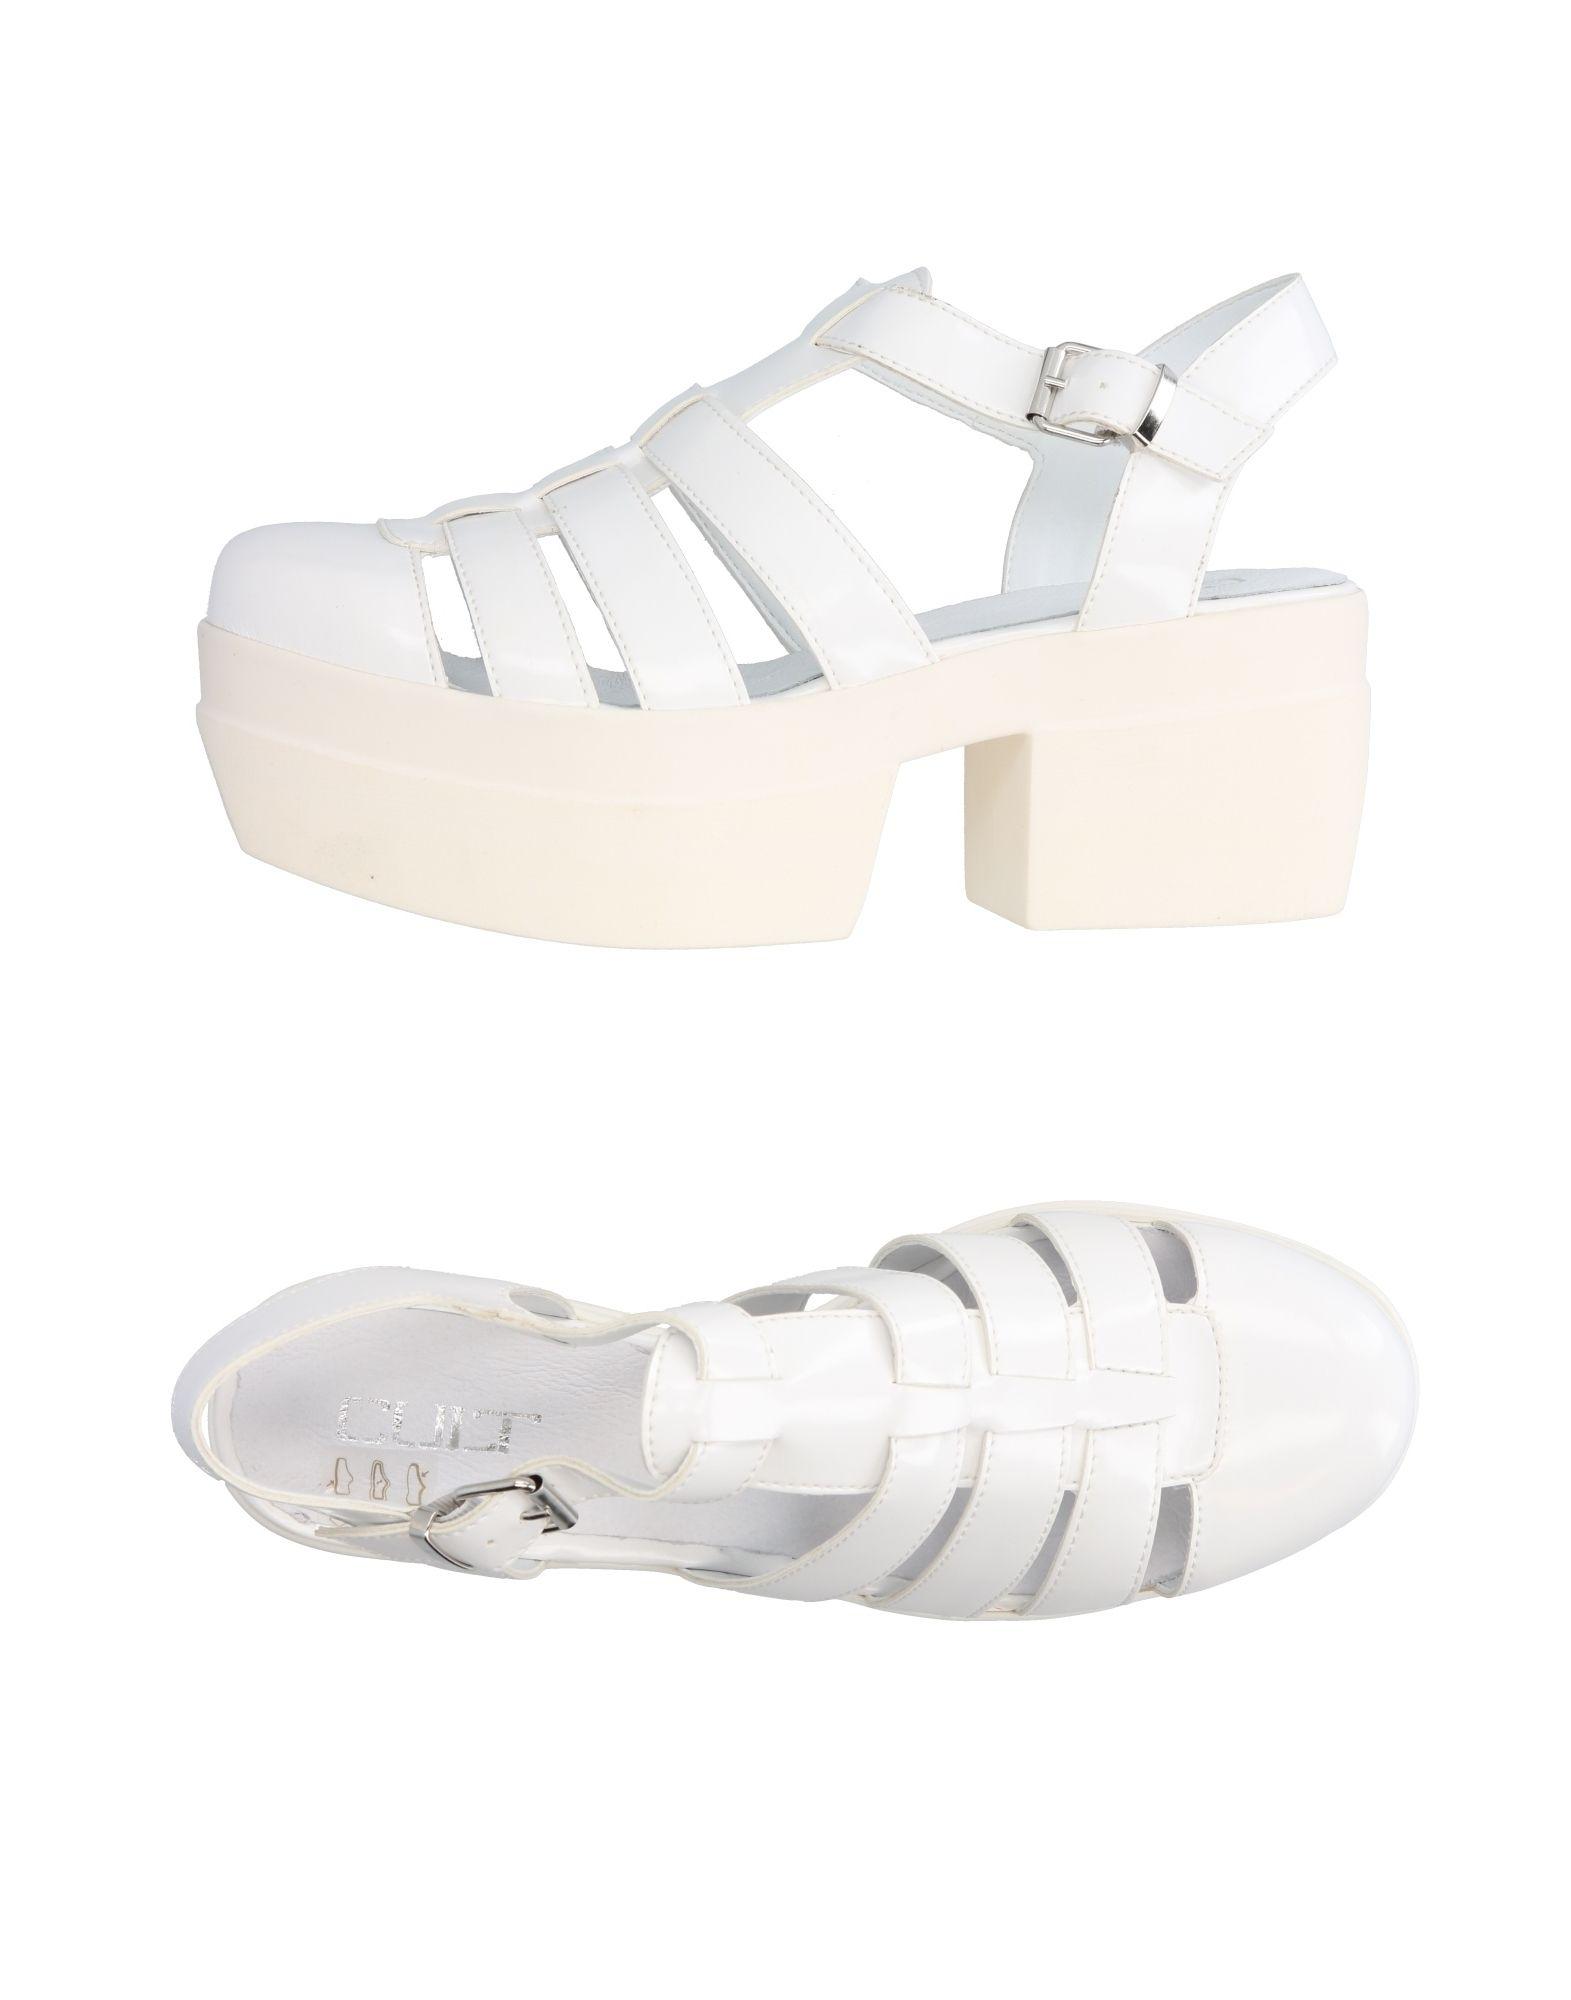 cult sandales - femmes cult sandales en ligne le le le royaume - uni - 11298822gd efa966